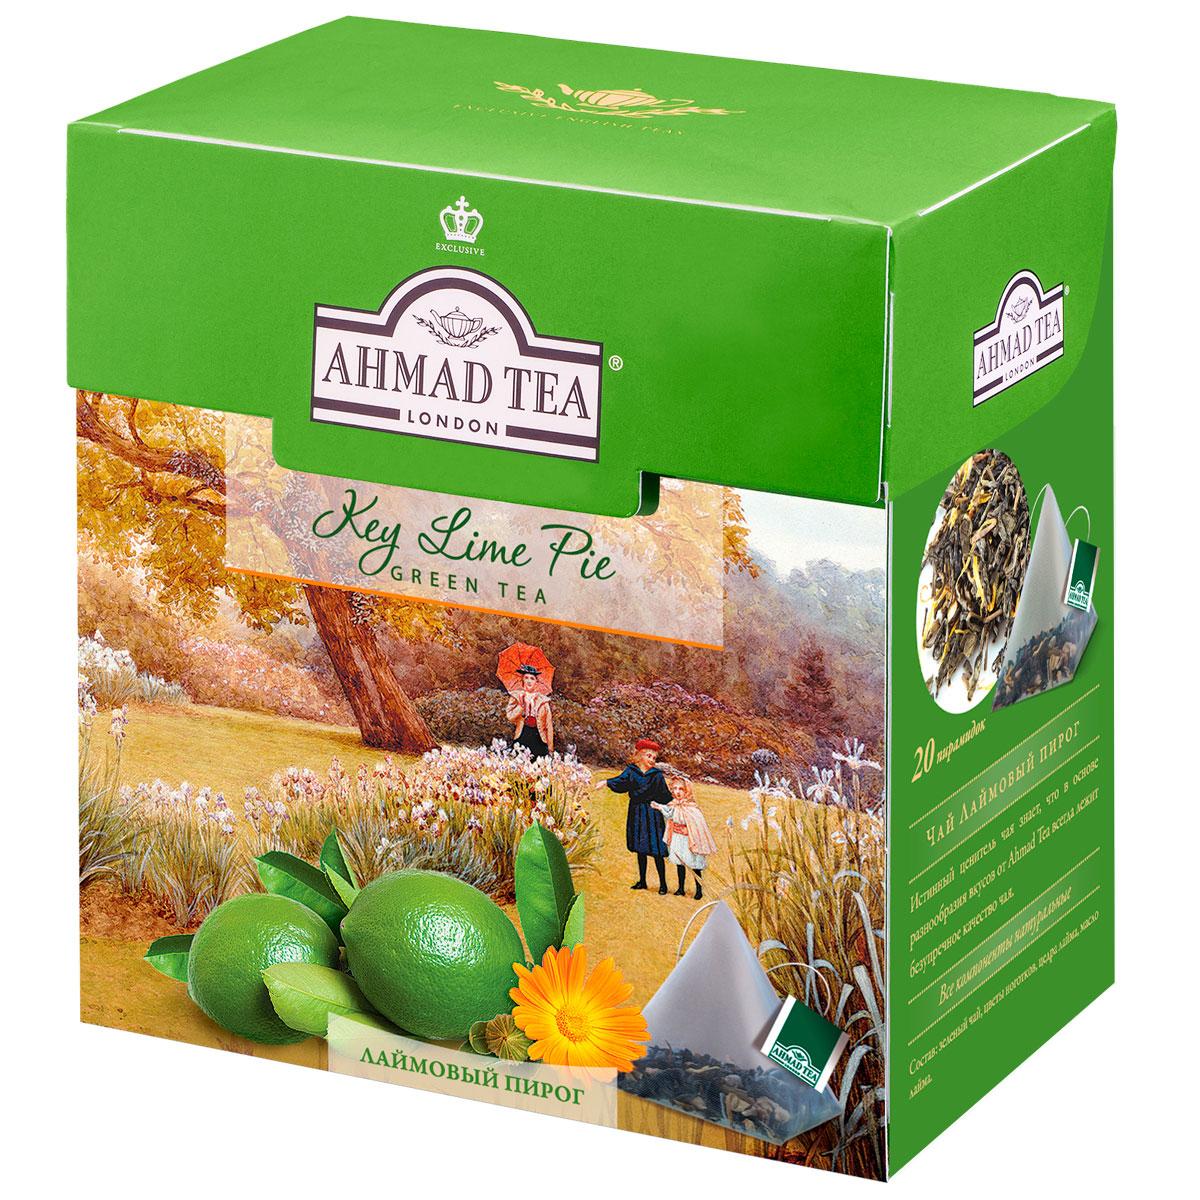 Ahmad Tea Lime Pie зеленый чай в пирамидках, 20 шт ahmad tea weekend collection набор чая в пирамидках 3 вкуса 108 г